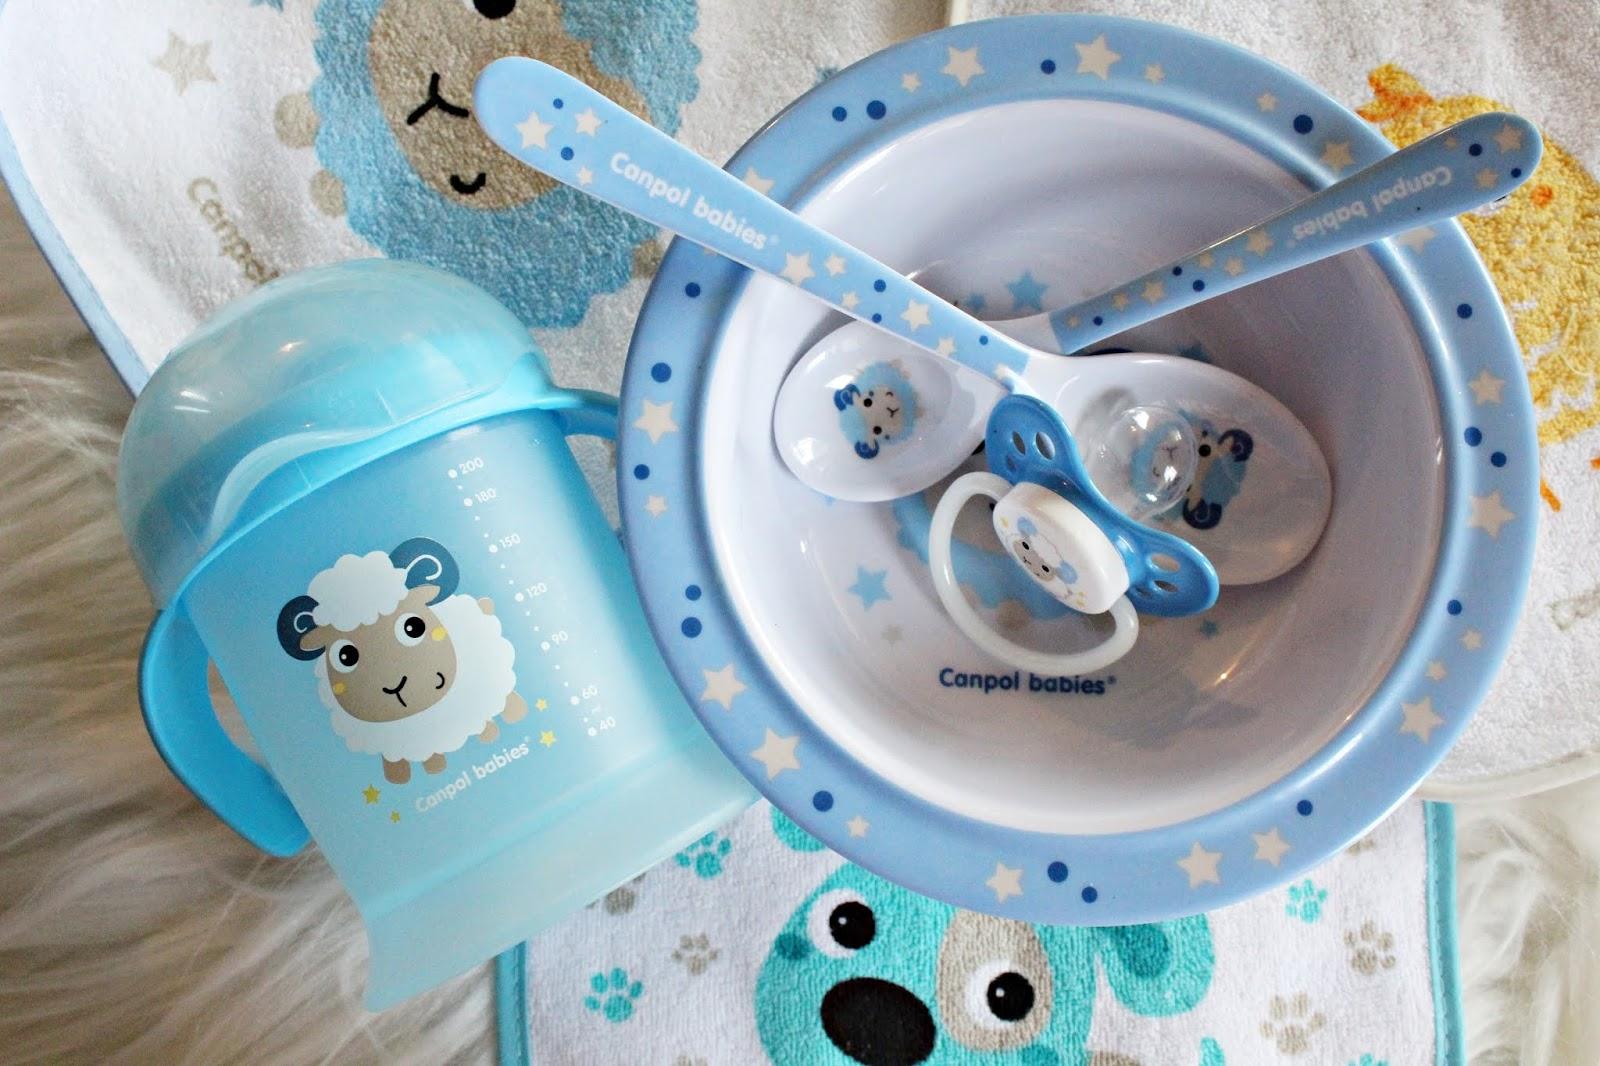 Bunny & Company - zestaw dla dziecka od Canpol Babies - 47 edycja Blogosfery